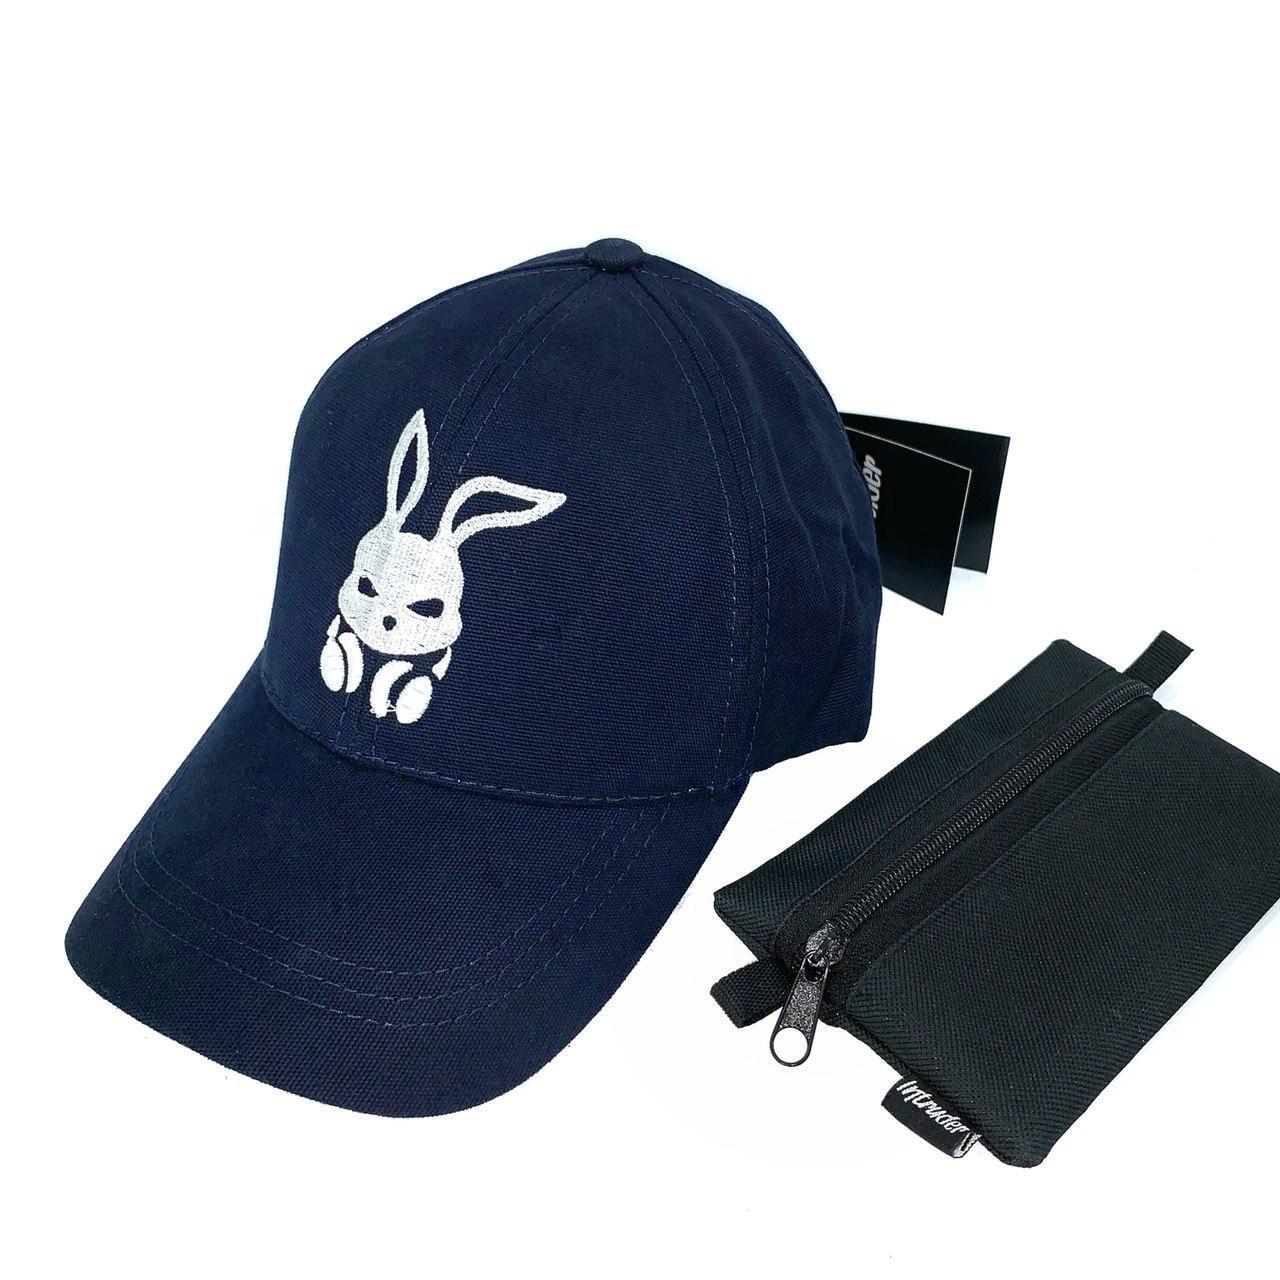 Кепка мужская/ женская Intruder bunny logo синяя Intruder